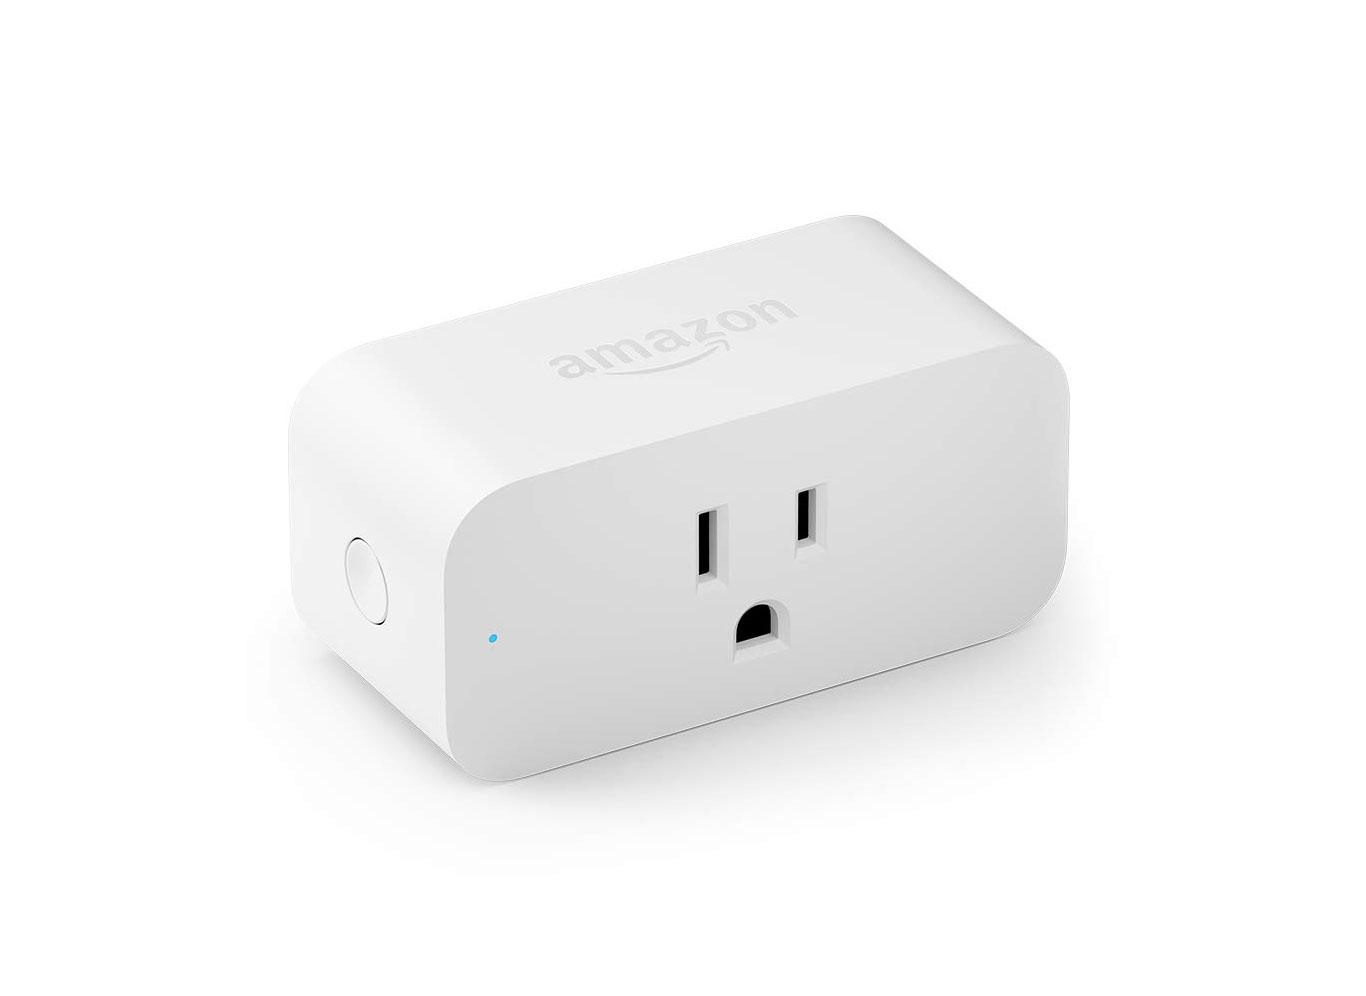 Amazon Alexa-Enabled Smart Plug on Amazon